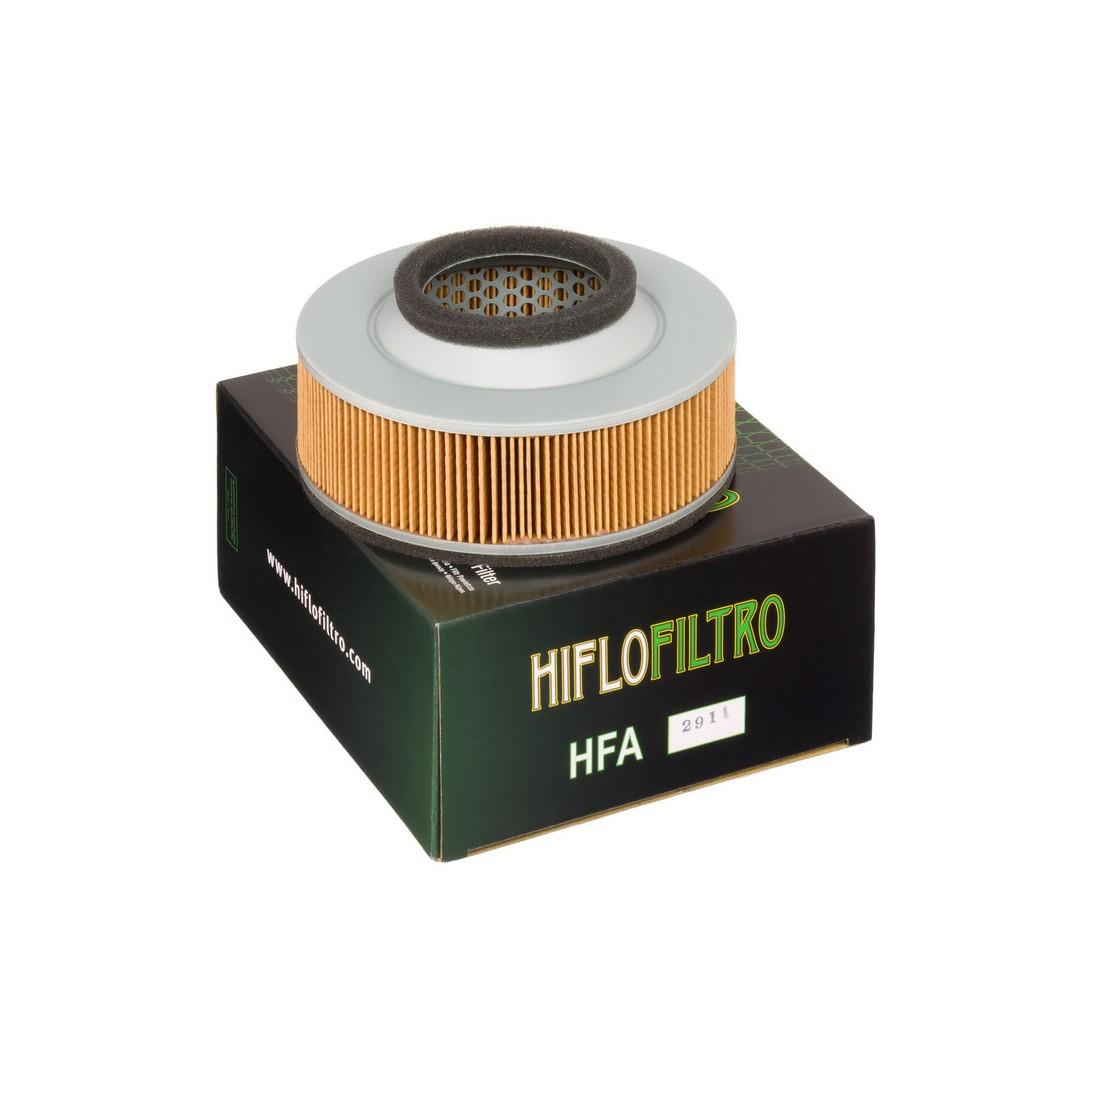 Filtro Aire Hiflofiltro HFA2911